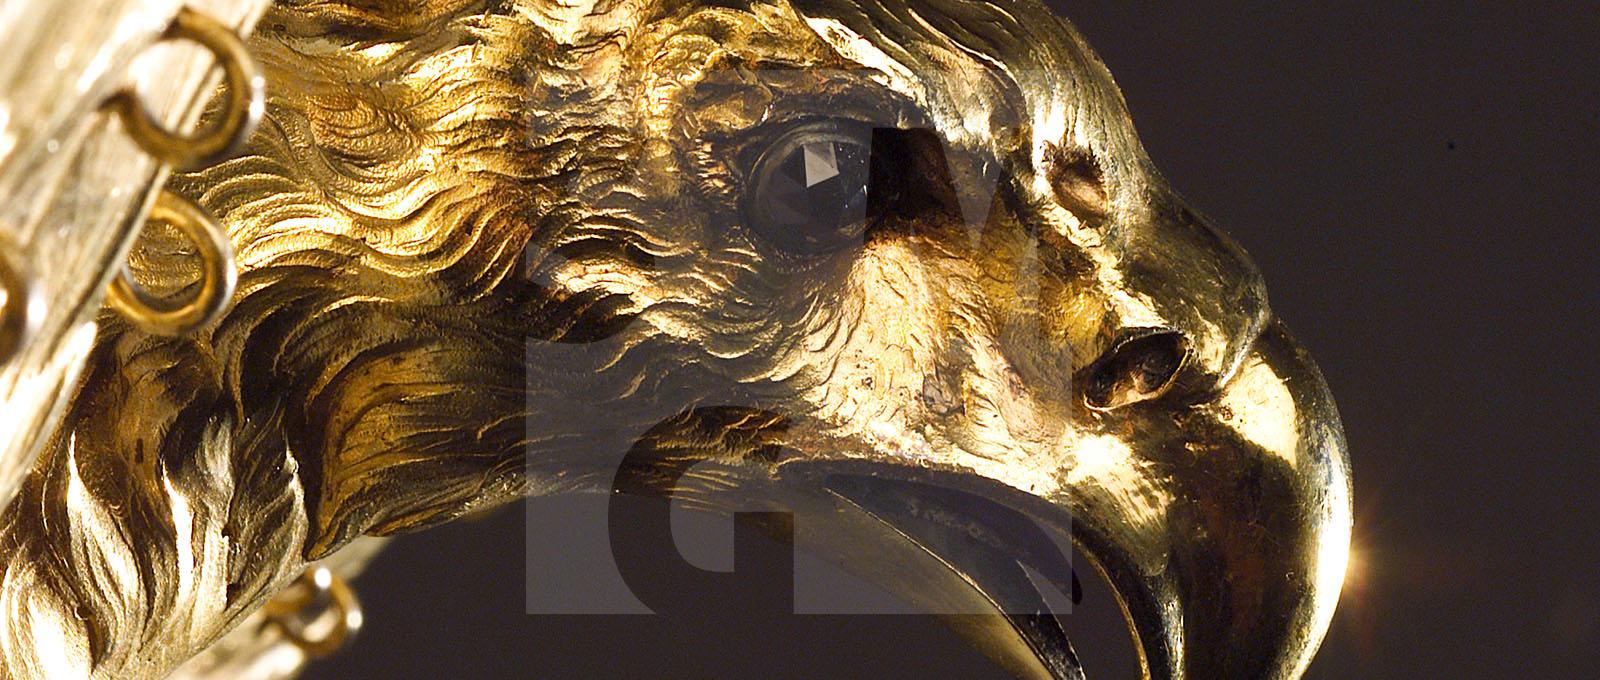 Hauptbild Gold, Silber und Eisen